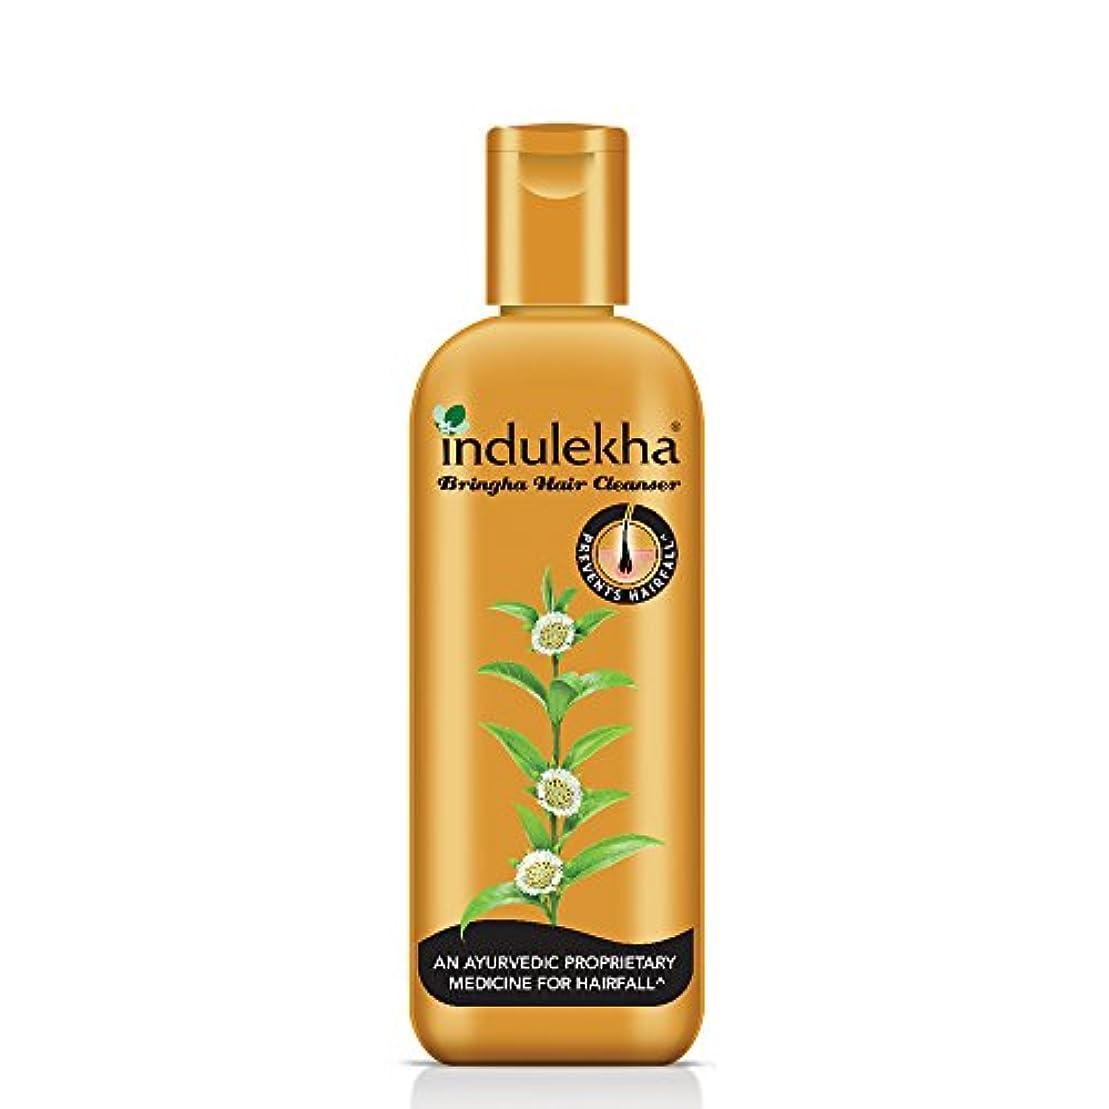 航空会社告発避難Indulekha Bringha Anti Hair Fall Shampoo (Hair Cleanser) 200ml, 6.76 oz - 並行輸入品 - イニディカ?ブリンガアンチヘアフォールシャンプー(ヘアクレンザー...